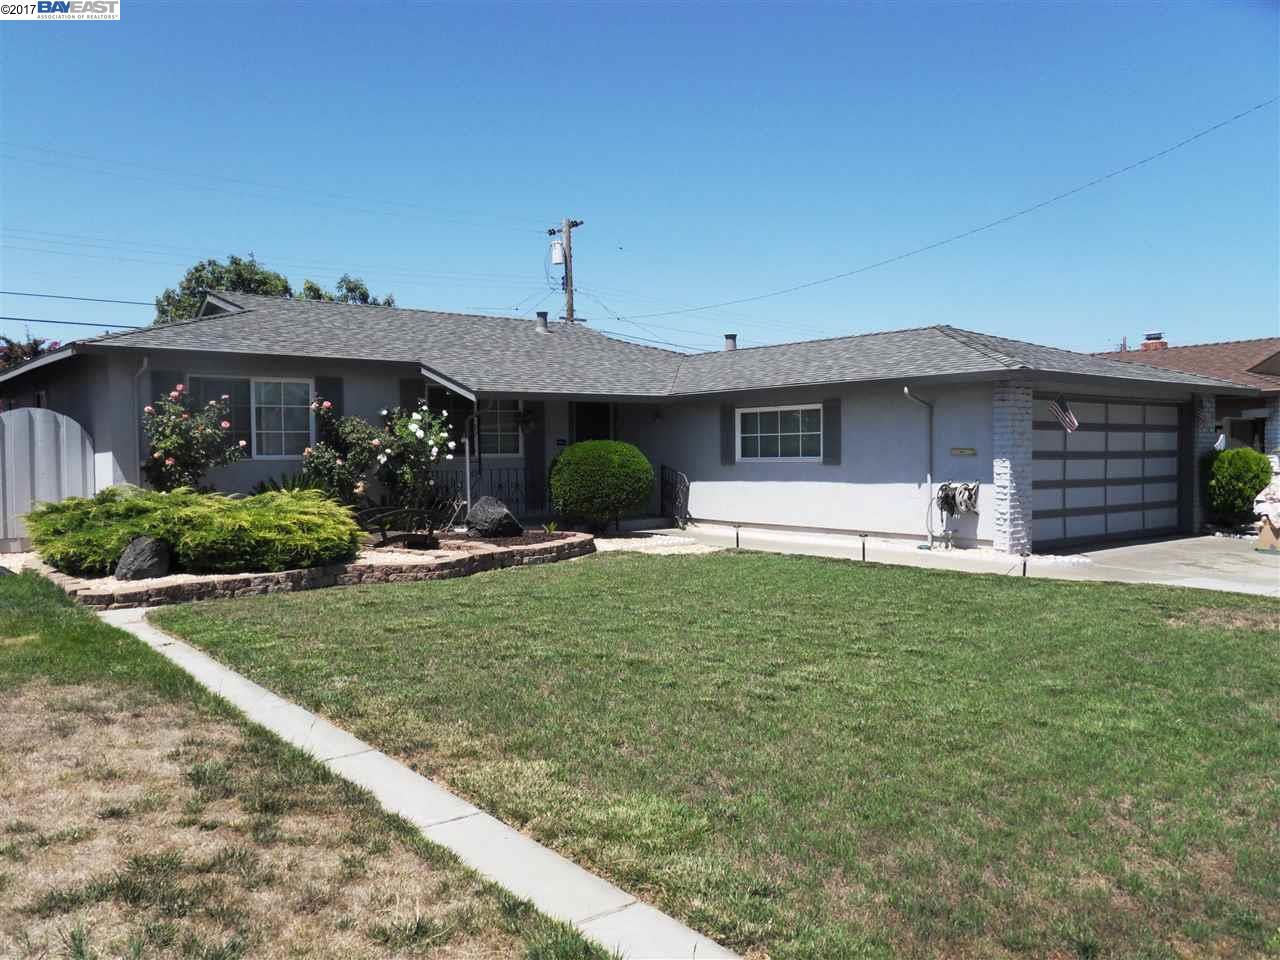 一戸建て のために 売買 アット 35155 Santiago Street Fremont, カリフォルニア 94536 アメリカ合衆国